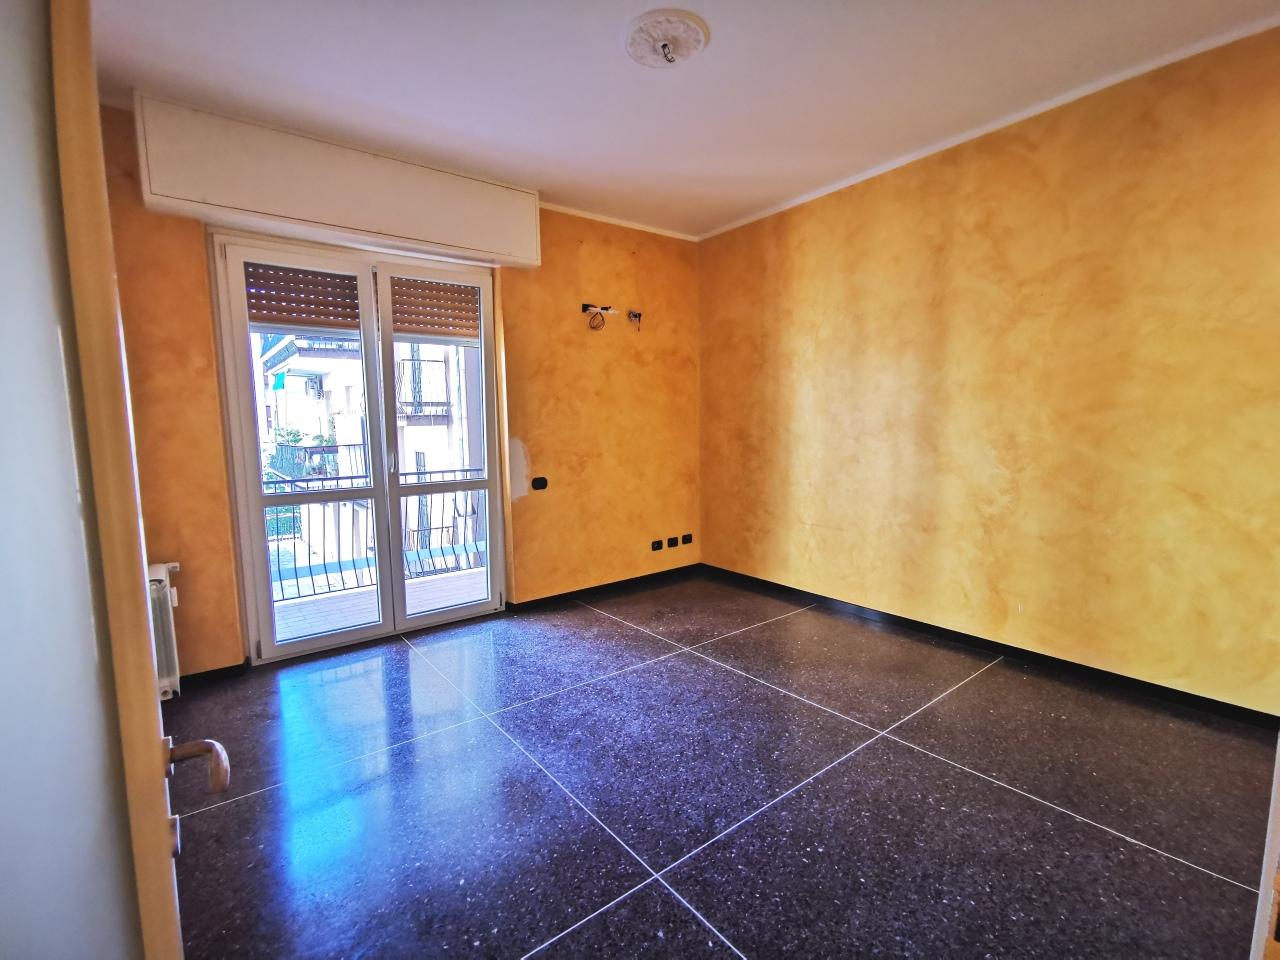 Appartamento in vendita a Albisola Superiore, 3 locali, prezzo € 230.000 | PortaleAgenzieImmobiliari.it